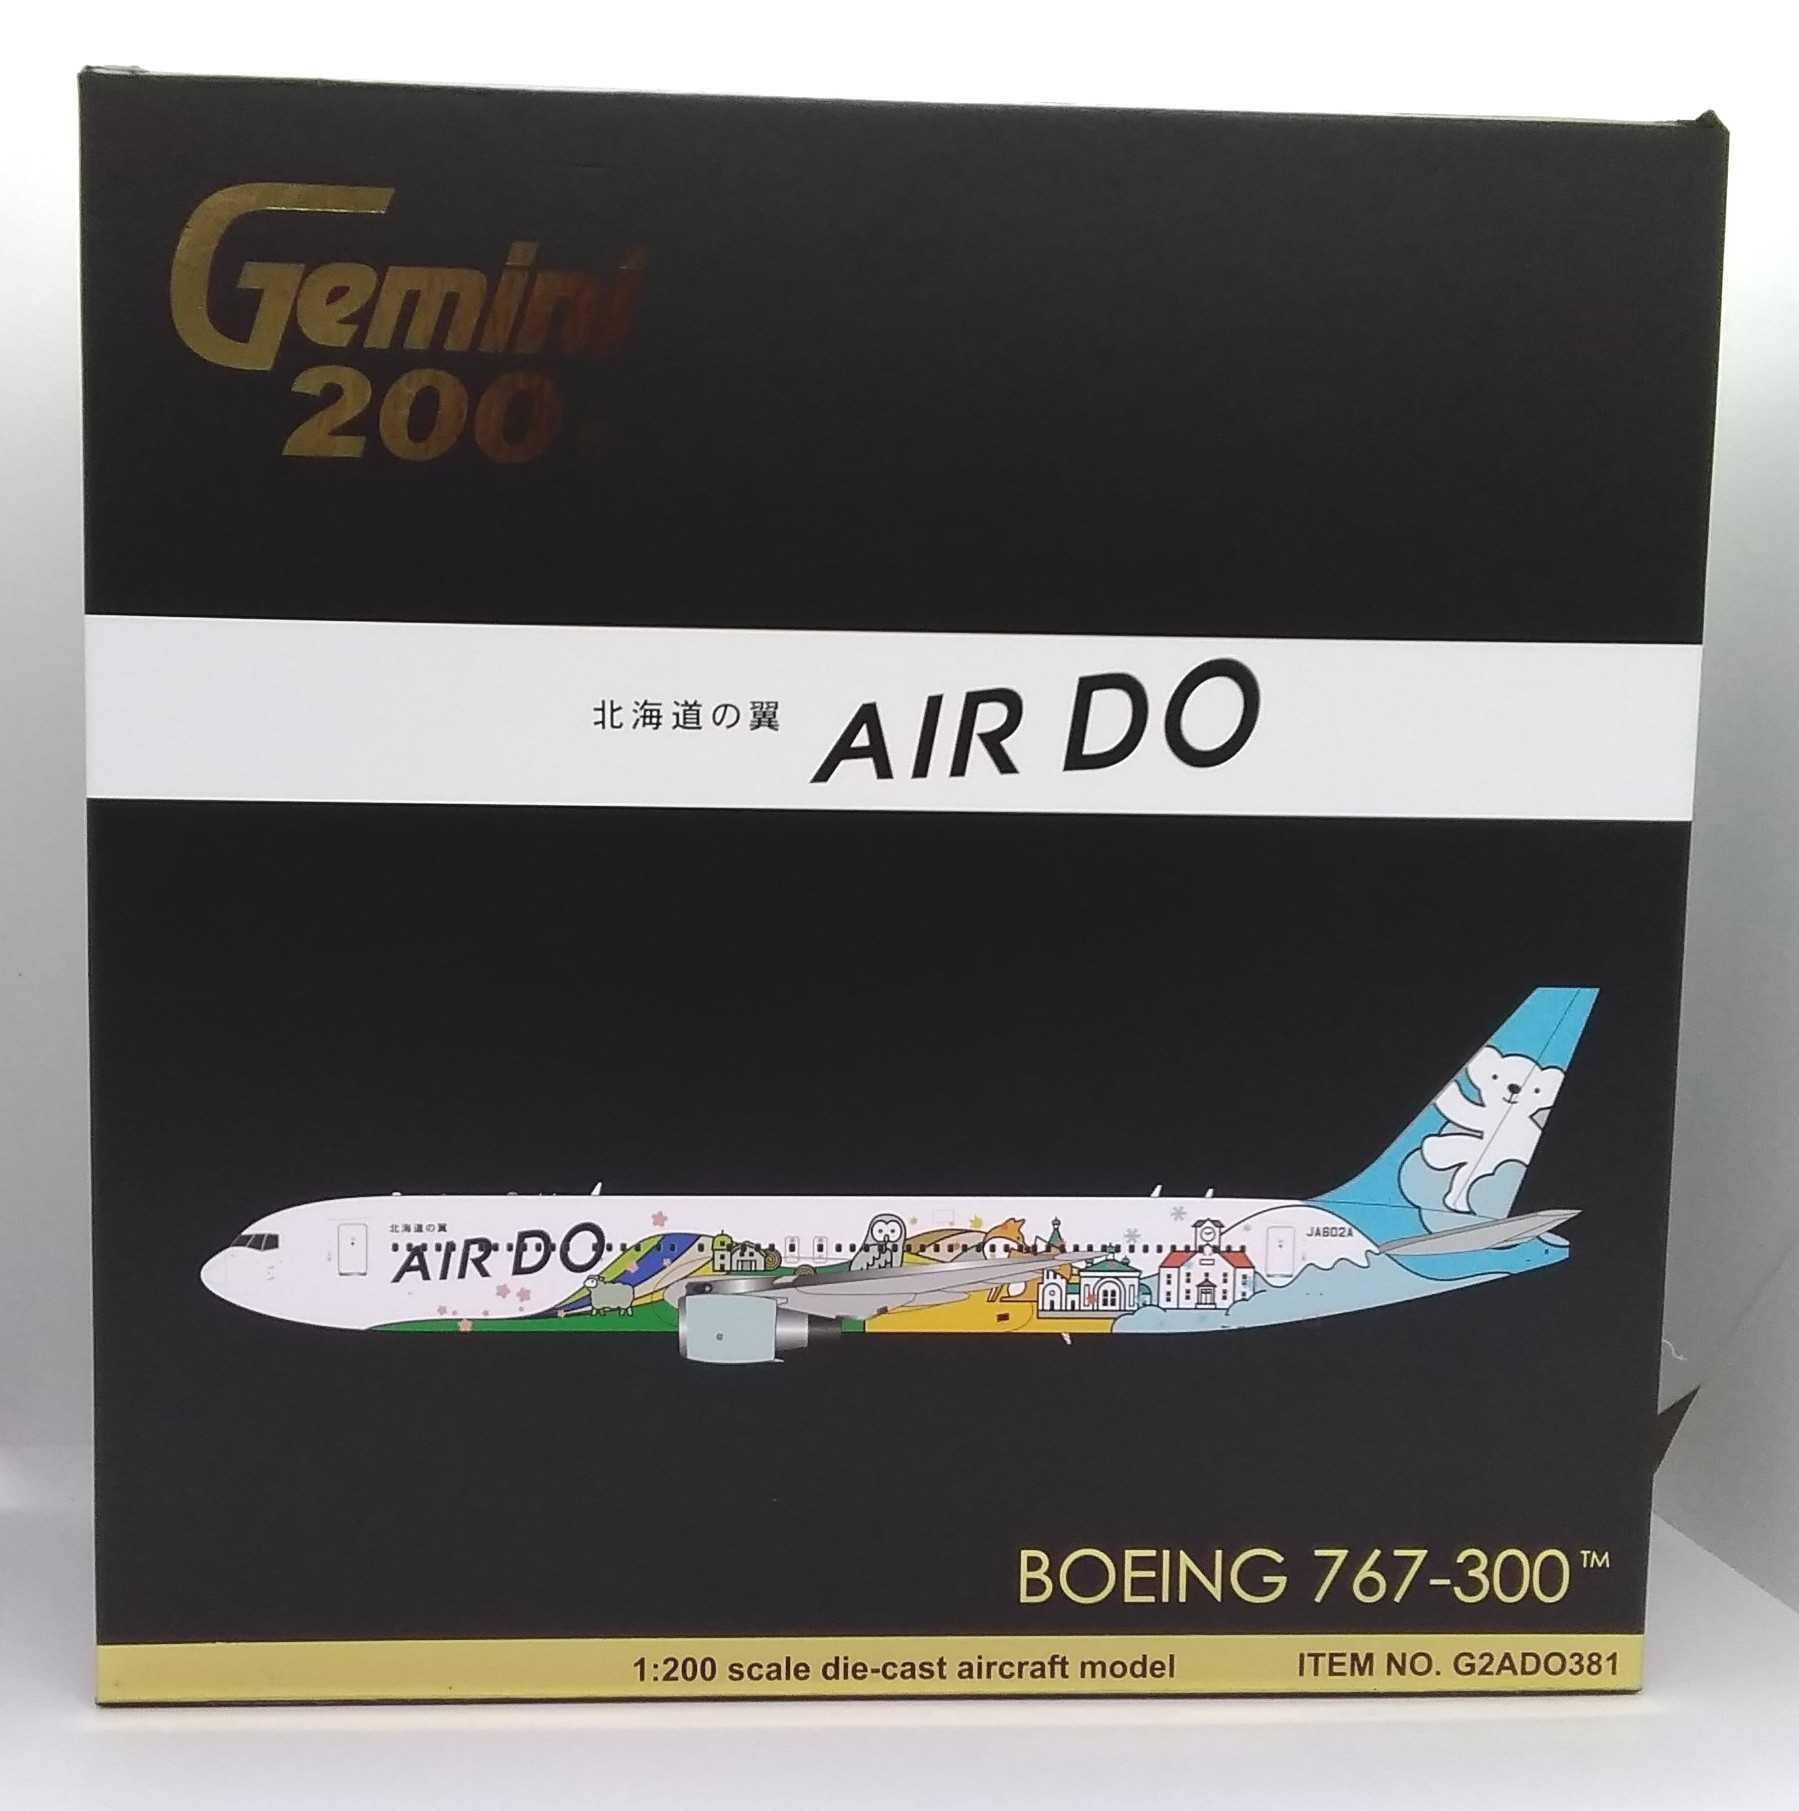 1/200 北海道の翼 AIR DO|GEMINI200